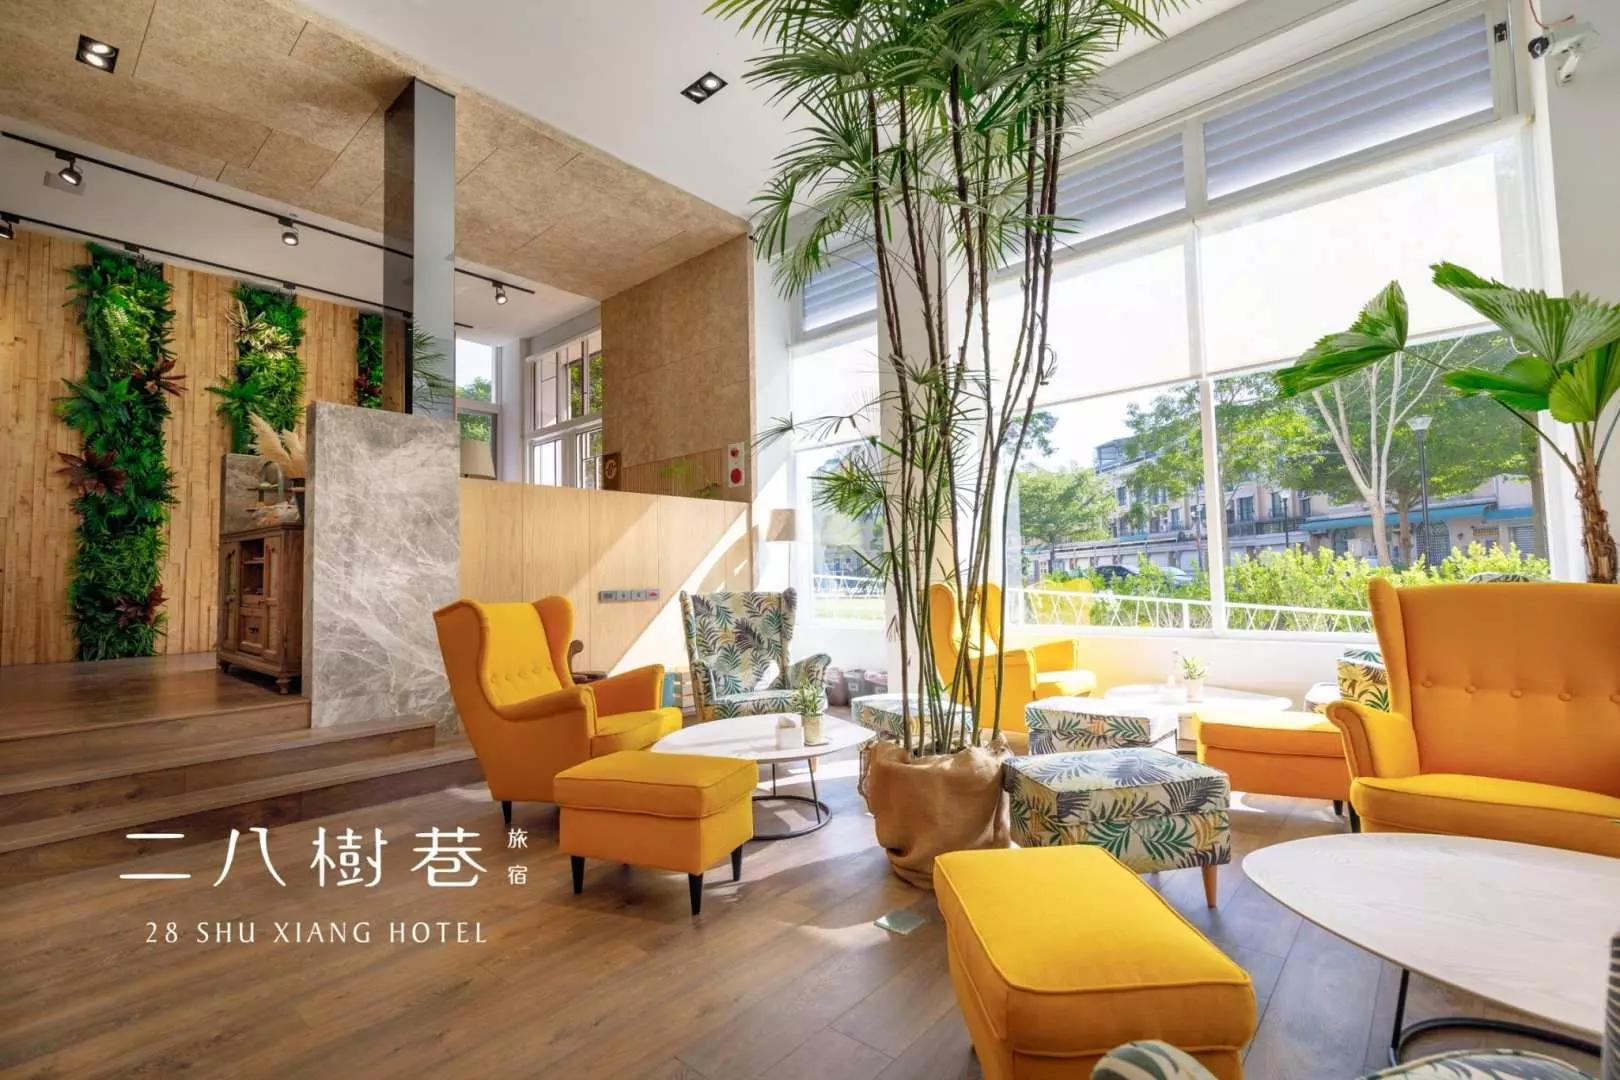 飯店限時促銷。關西六福莊生態度假旅館|麻辣火鍋特價吃起來|KKDay最新熱門推薦